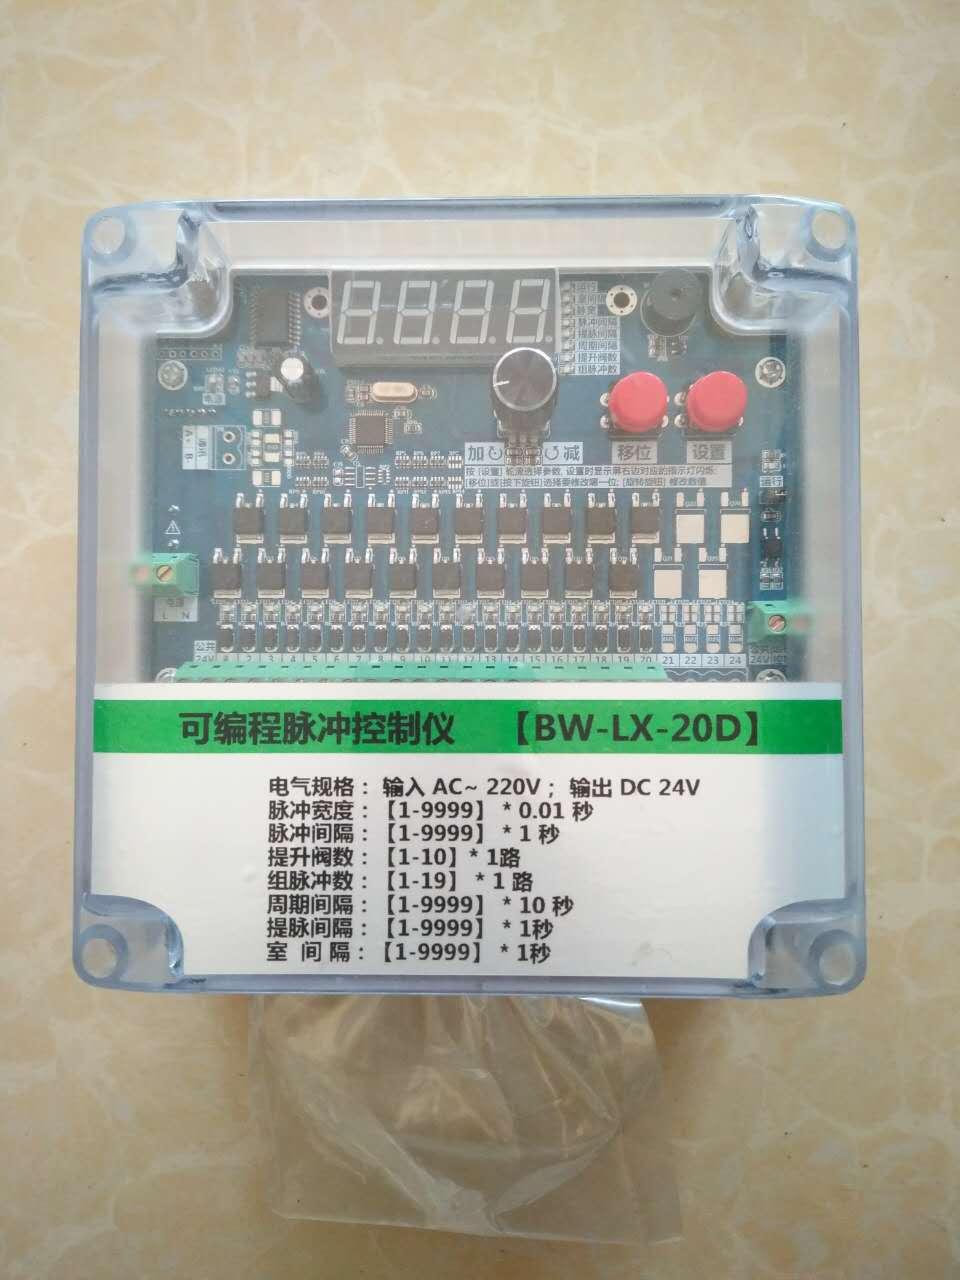 脉冲控制仪,plc电控柜,除尘配件-泊头市万恒除尘设备